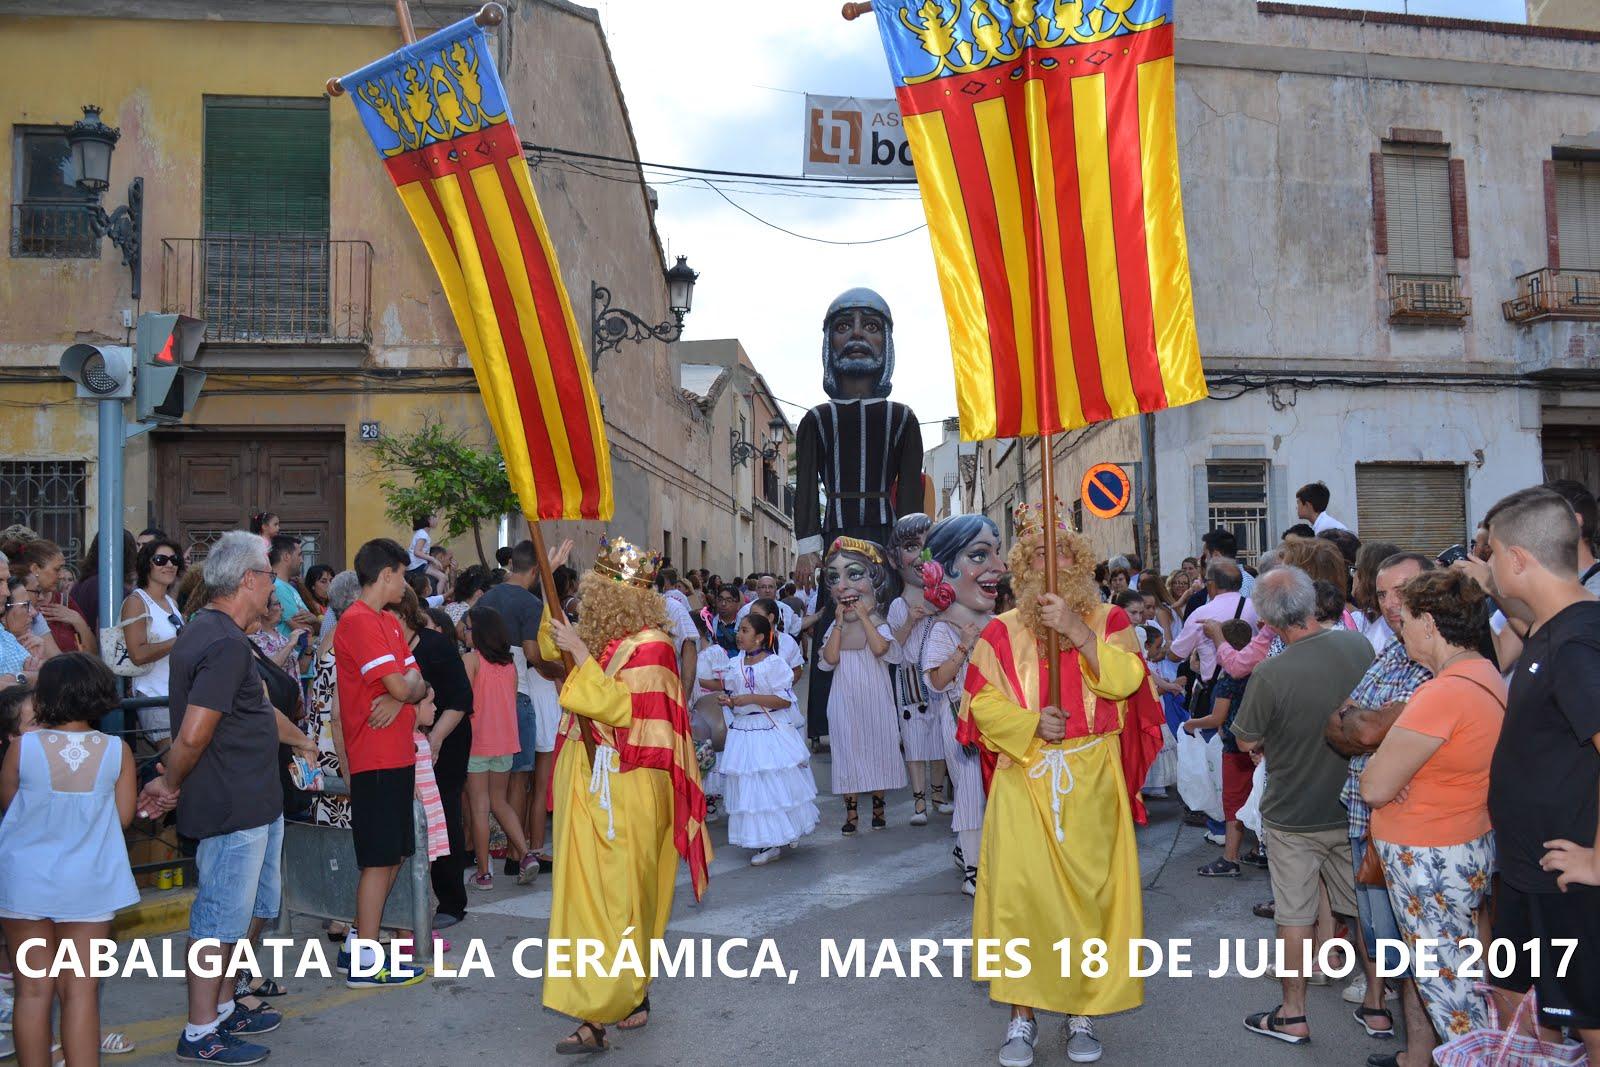 18.07.17 LA CABALGATA DE LA CERÁMICA, UNA TRADICIÓN CENTENARIA